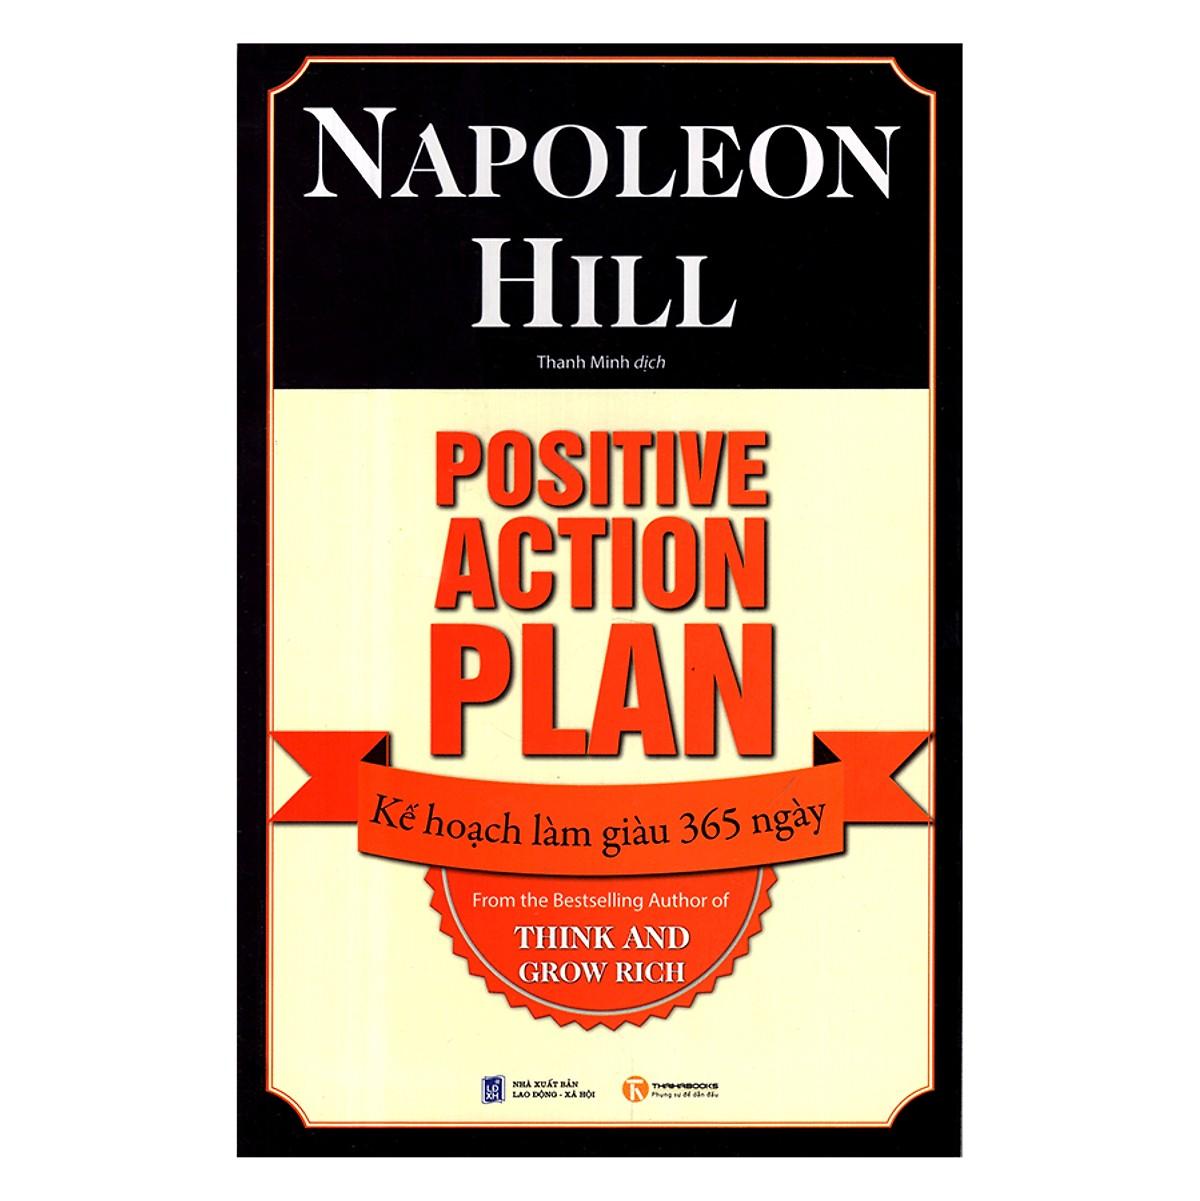 Top sách hay làm giàu 365 ngày napoleon hill